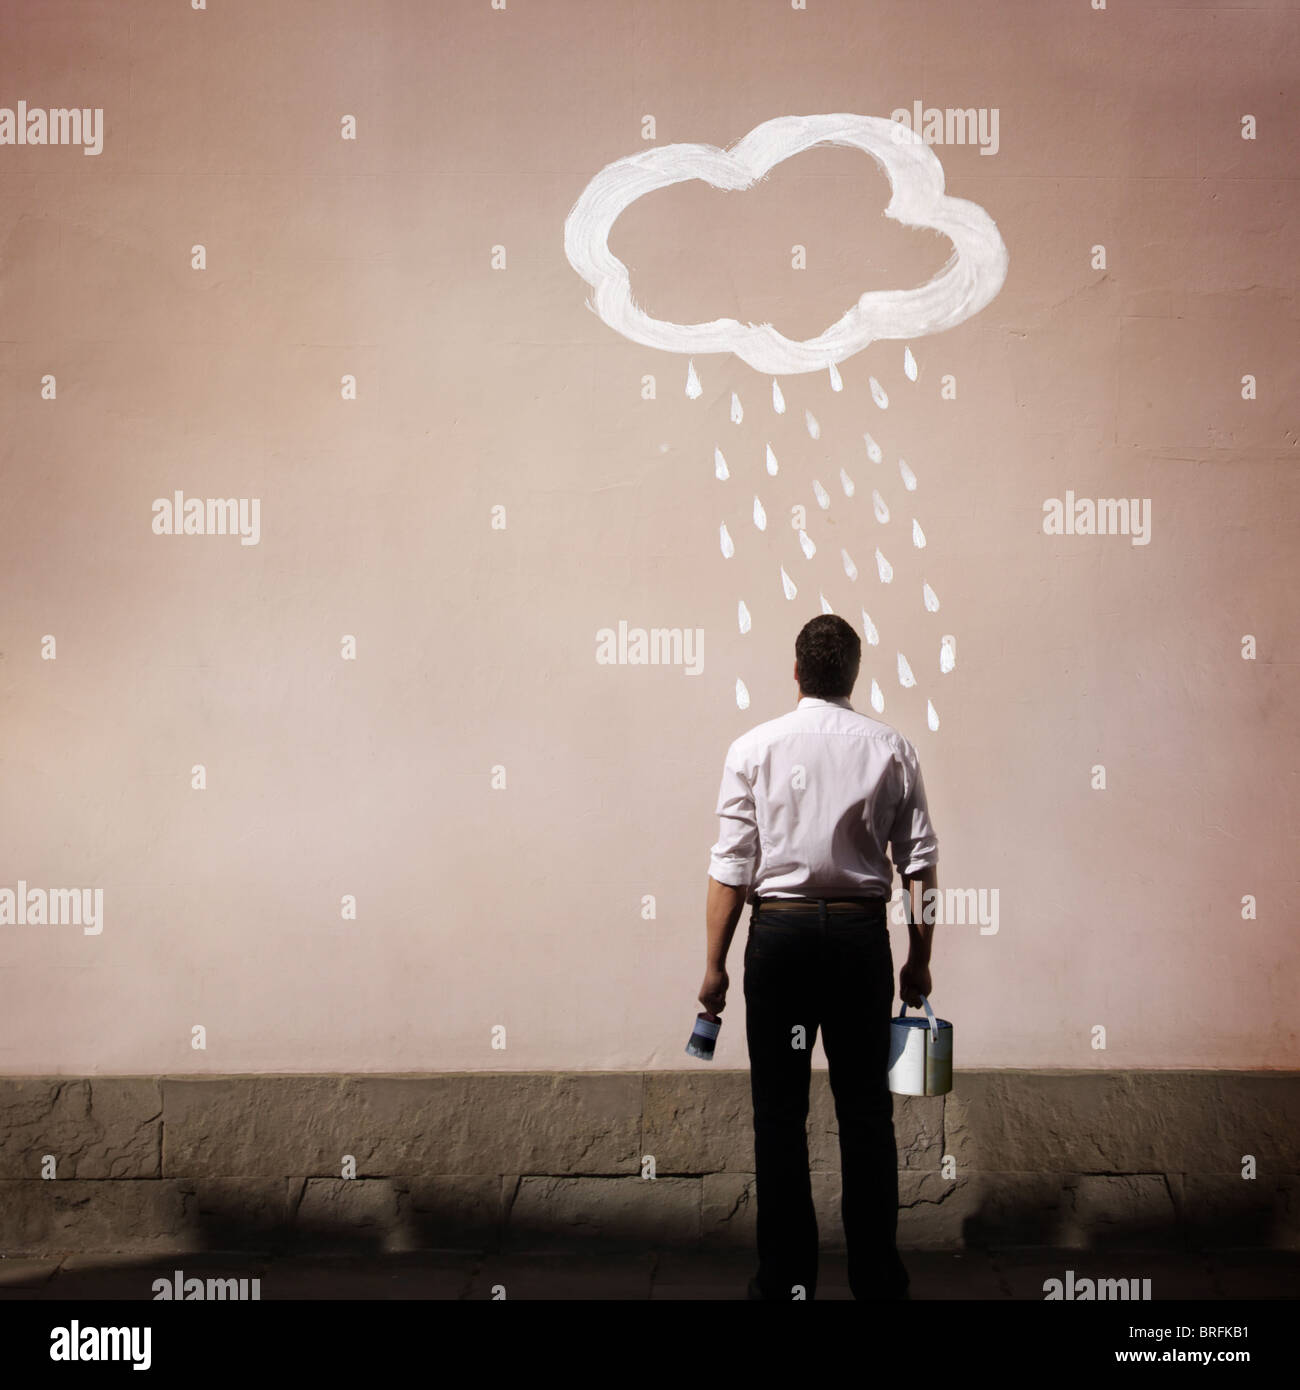 Hombre con nube de lluvia pintada en una pared. Imagen De Stock